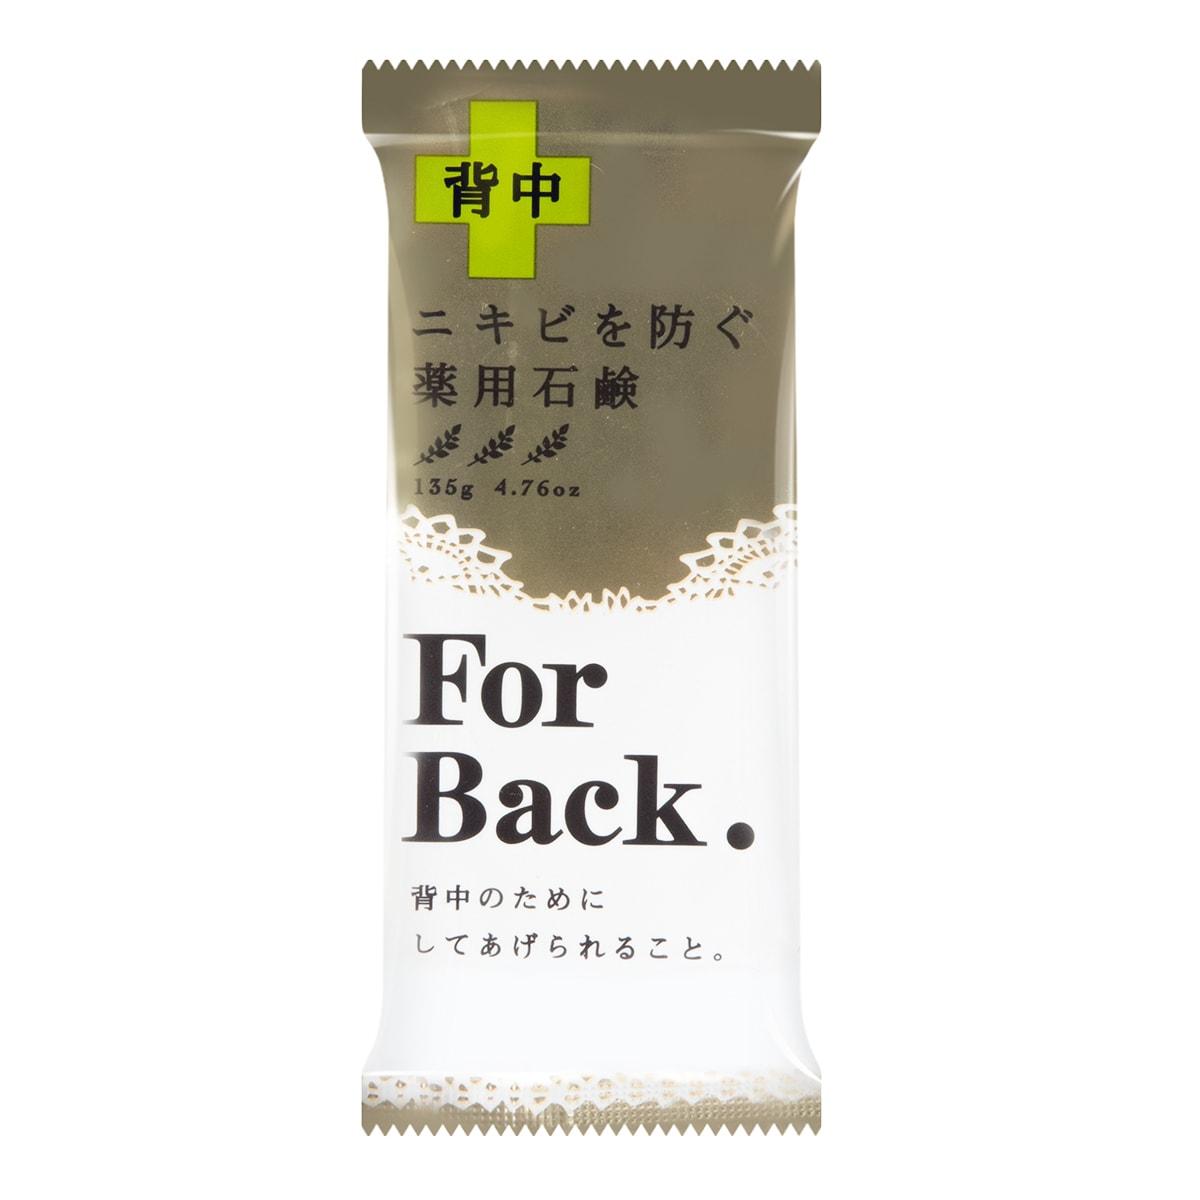 日本PELICAN  美背祛痘香皂 沐浴皂 135g